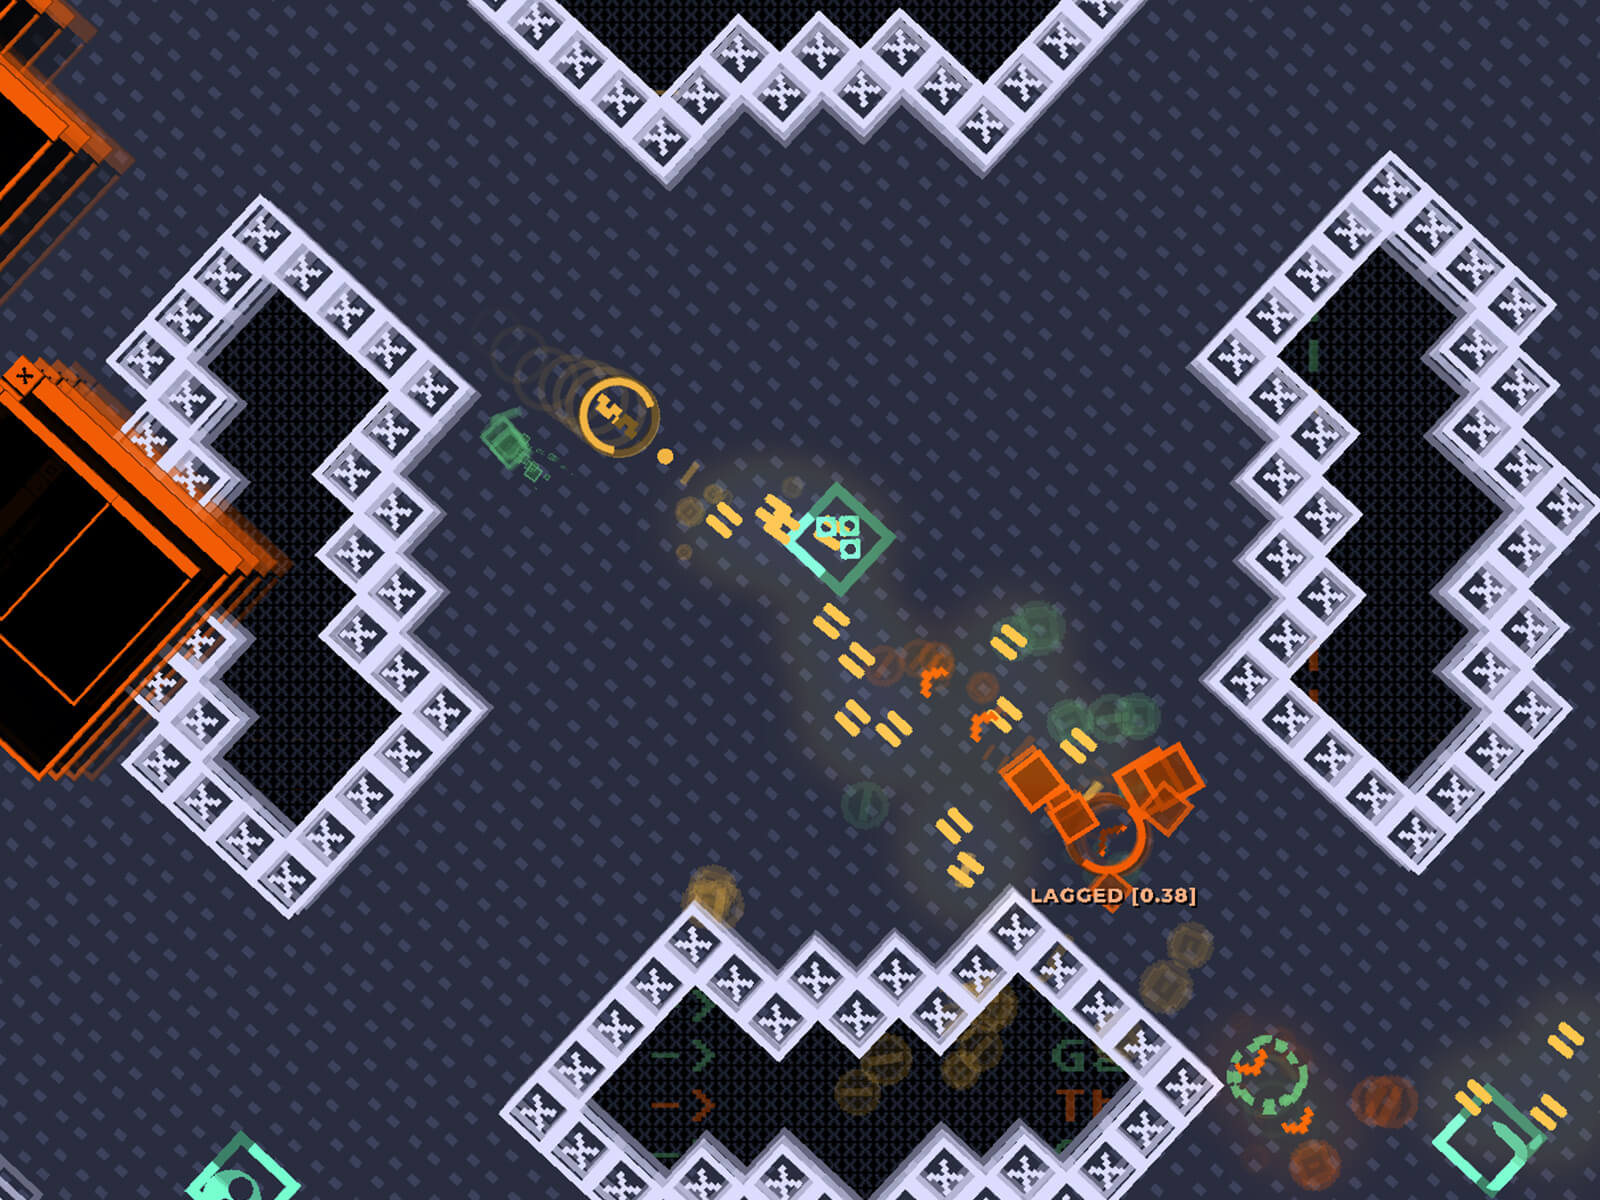 A geometric, pixel art screenshot from DigiPen student game Netgunner.